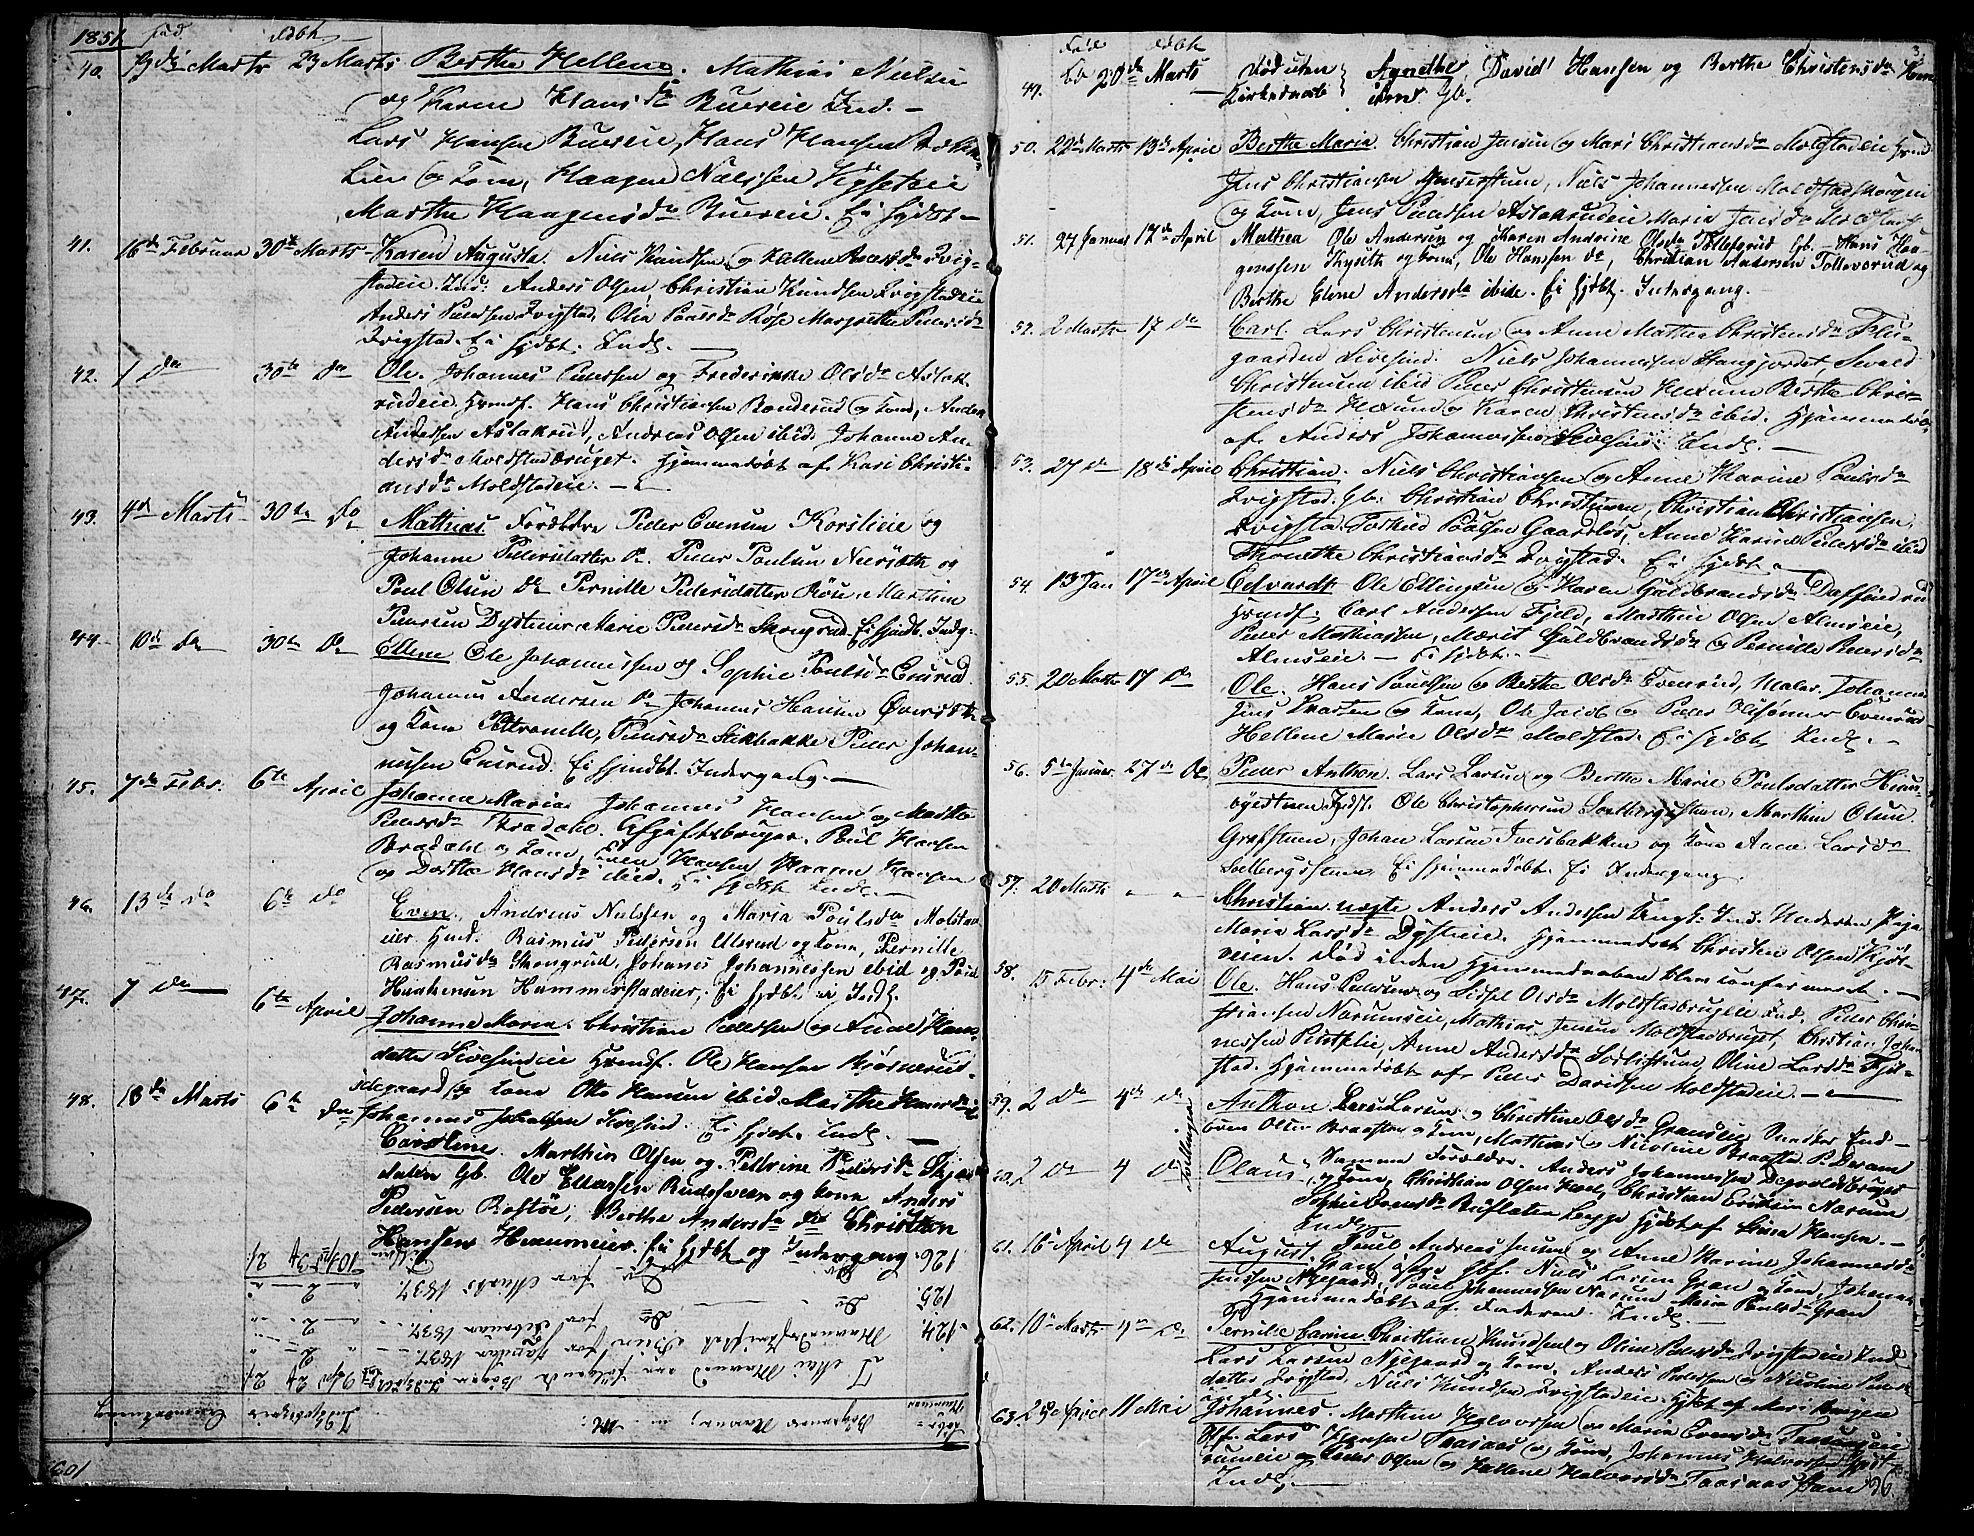 SAH, Vestre Toten prestekontor, Klokkerbok nr. 4, 1851-1853, s. 3